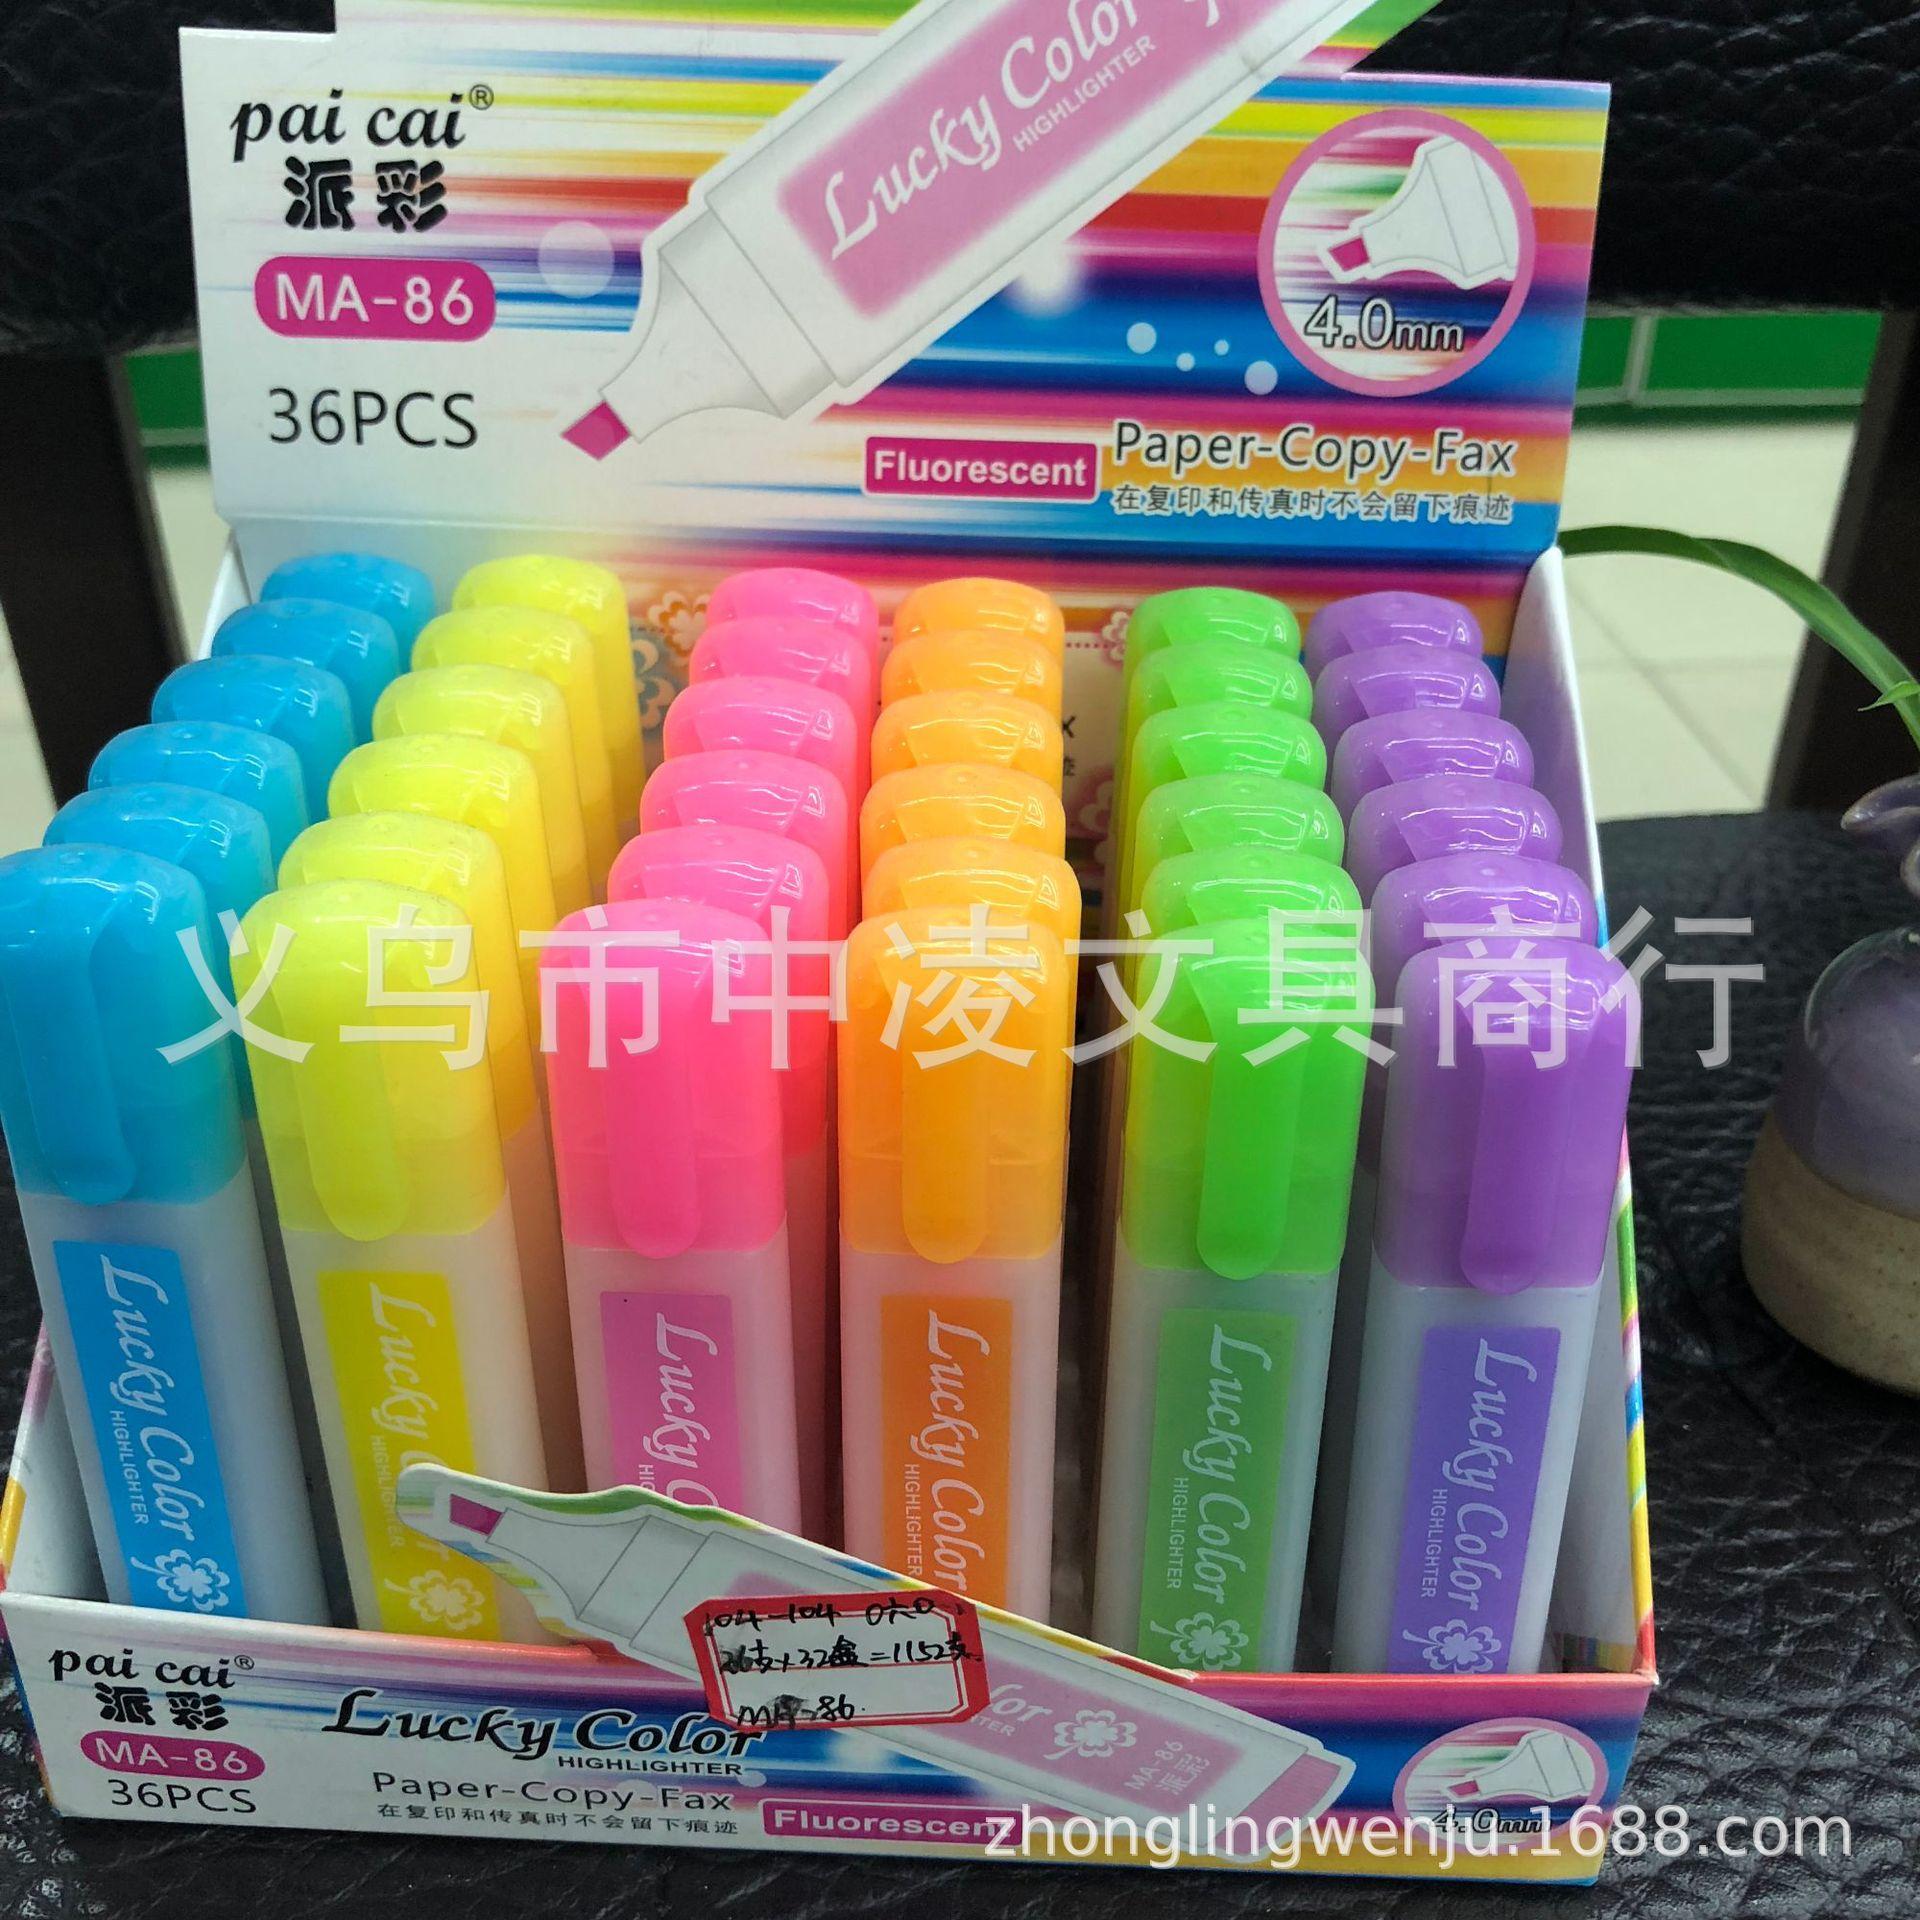 义乌好货 PAICAI 派彩36支荧光笔展示盒 持久耐用 MA-36